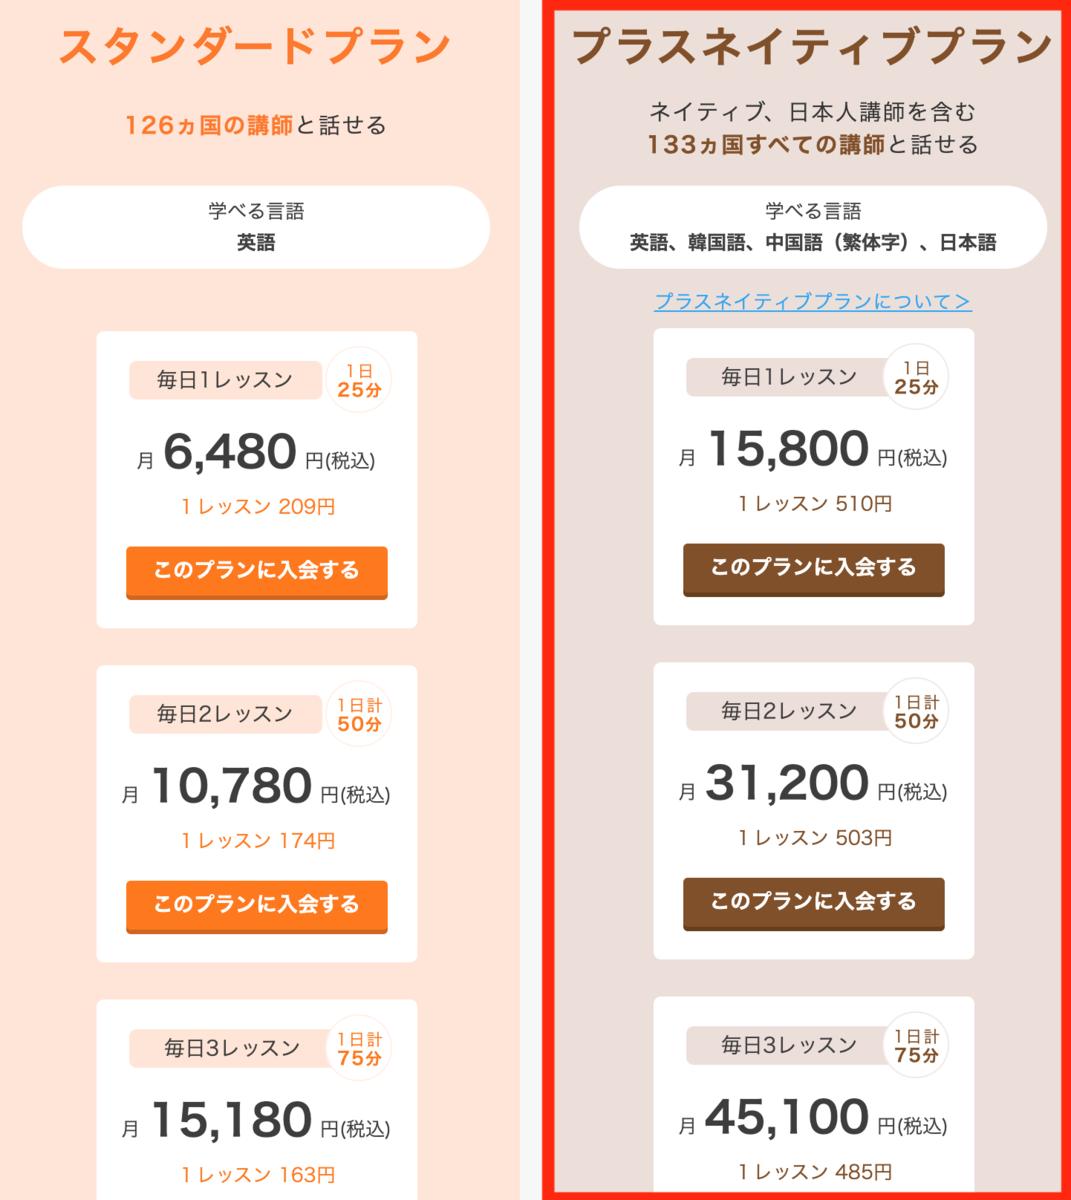 f:id:tsubasa77:20210520133652p:plain